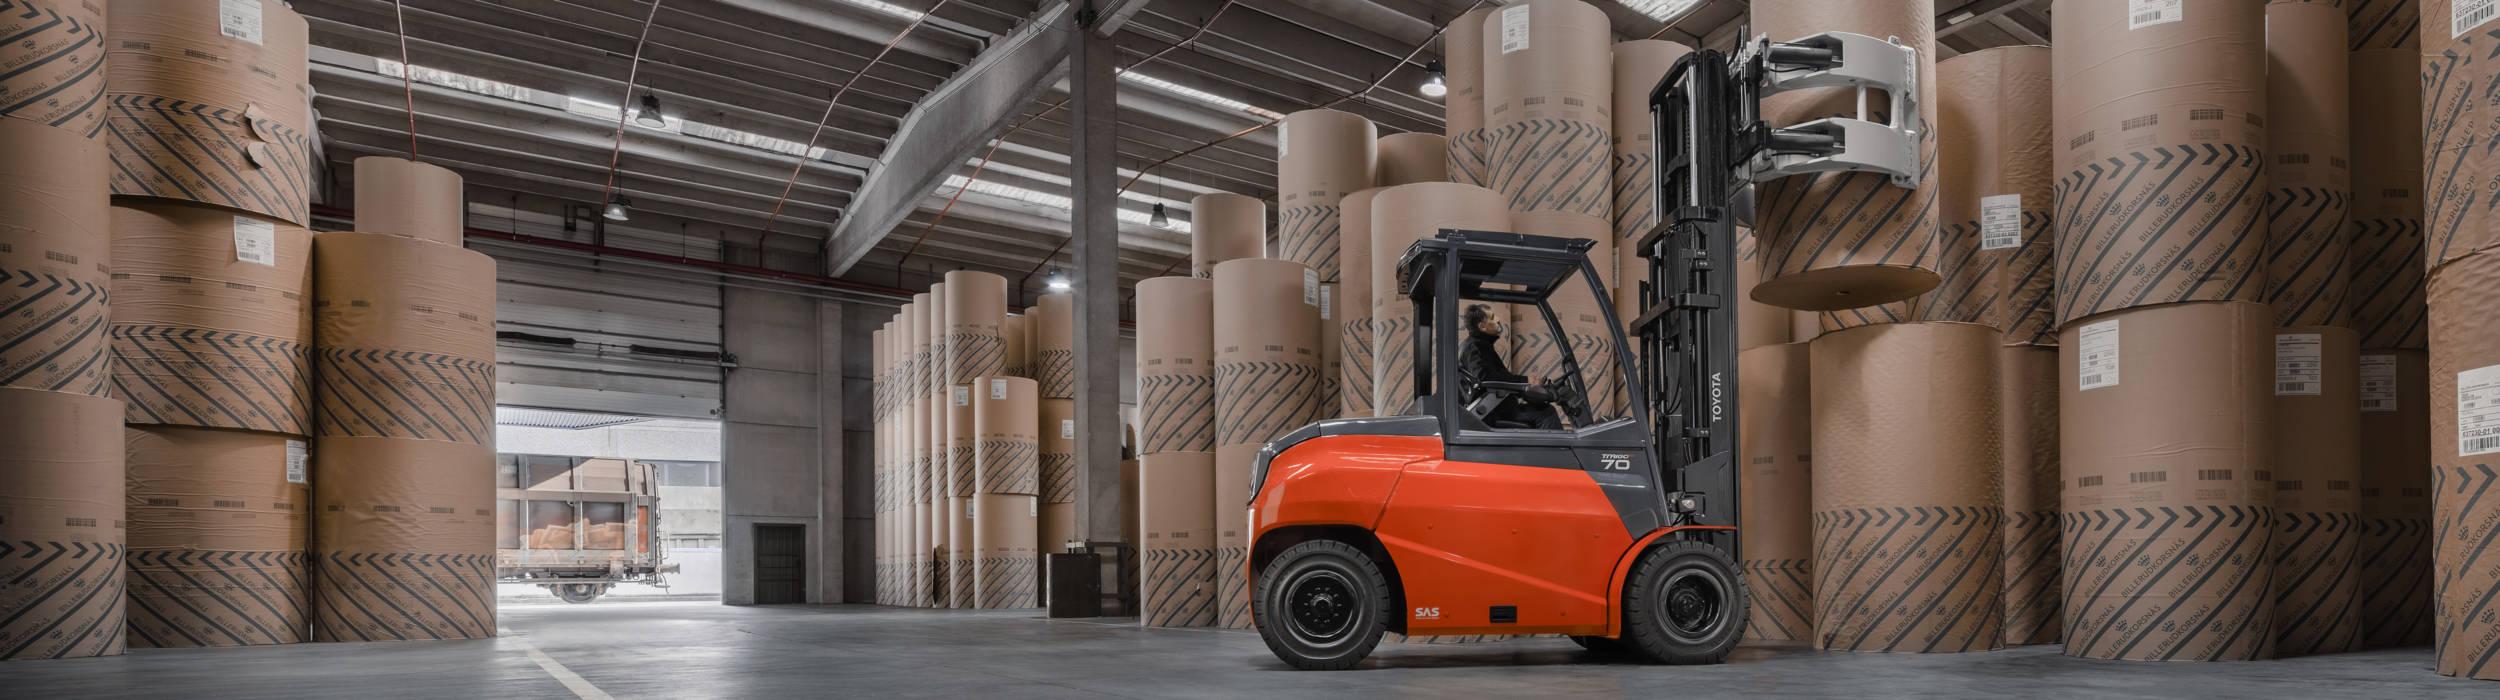 Traigo80 High-Tonnage im Einsatzboxes in warehouse